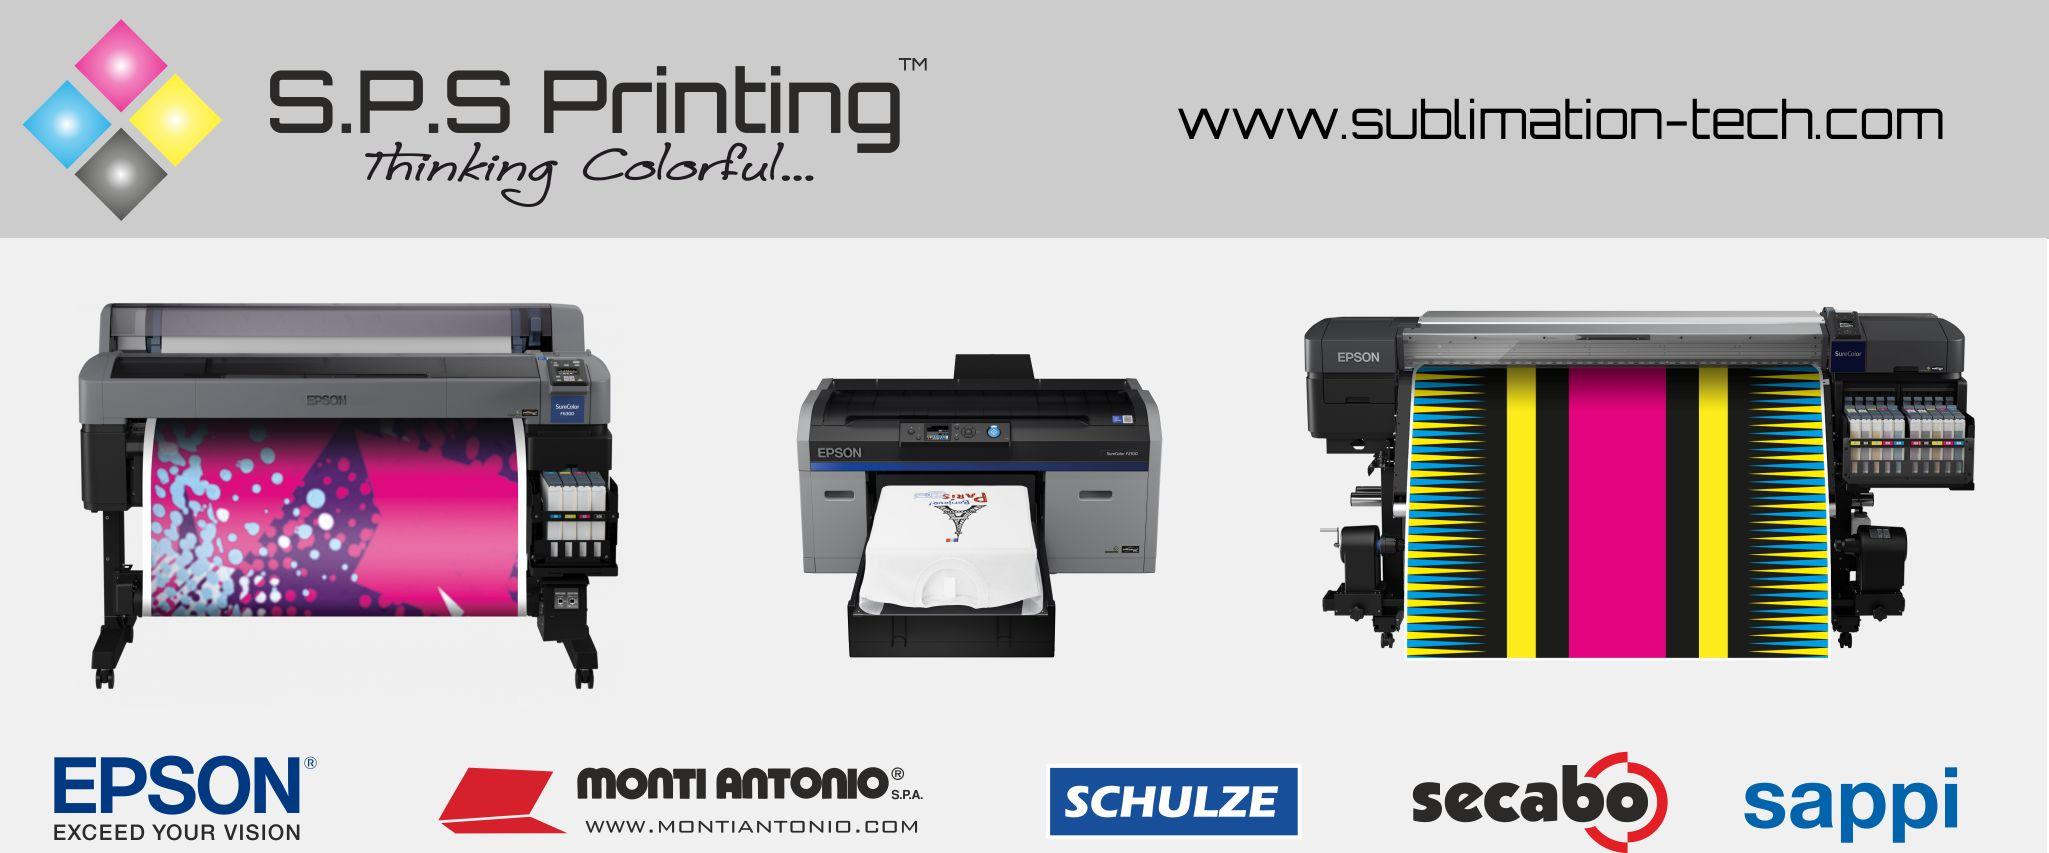 Az S.P.S Printing Solution NYITVATARTÁSI RENDJE 2020. április 20-tól